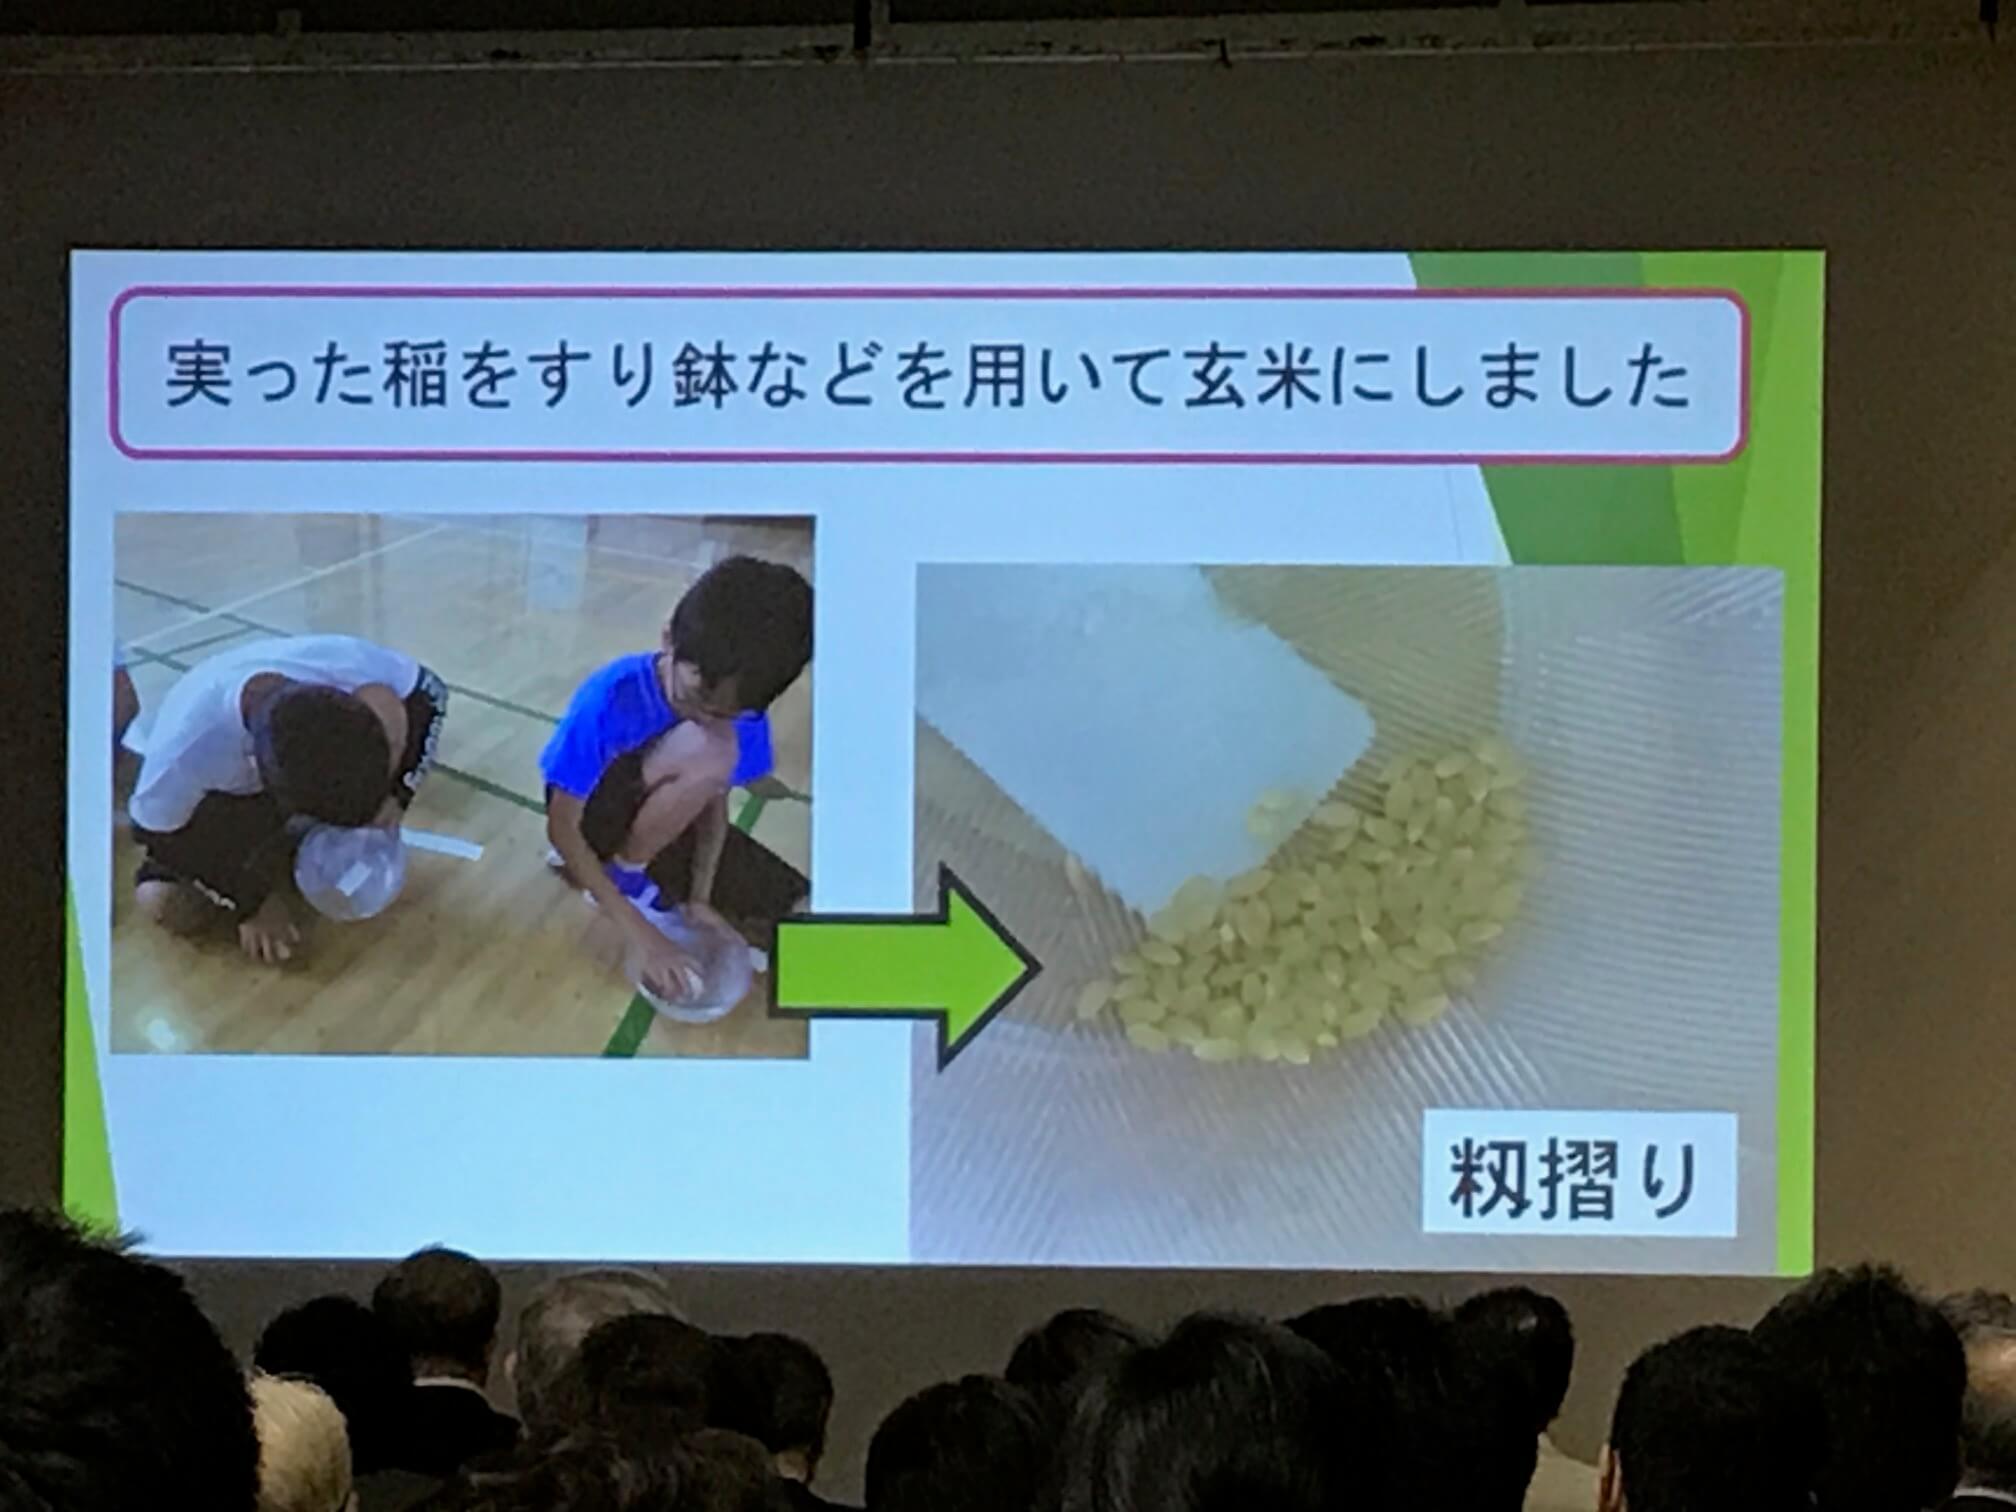 さらに…籾摺りに挑戦